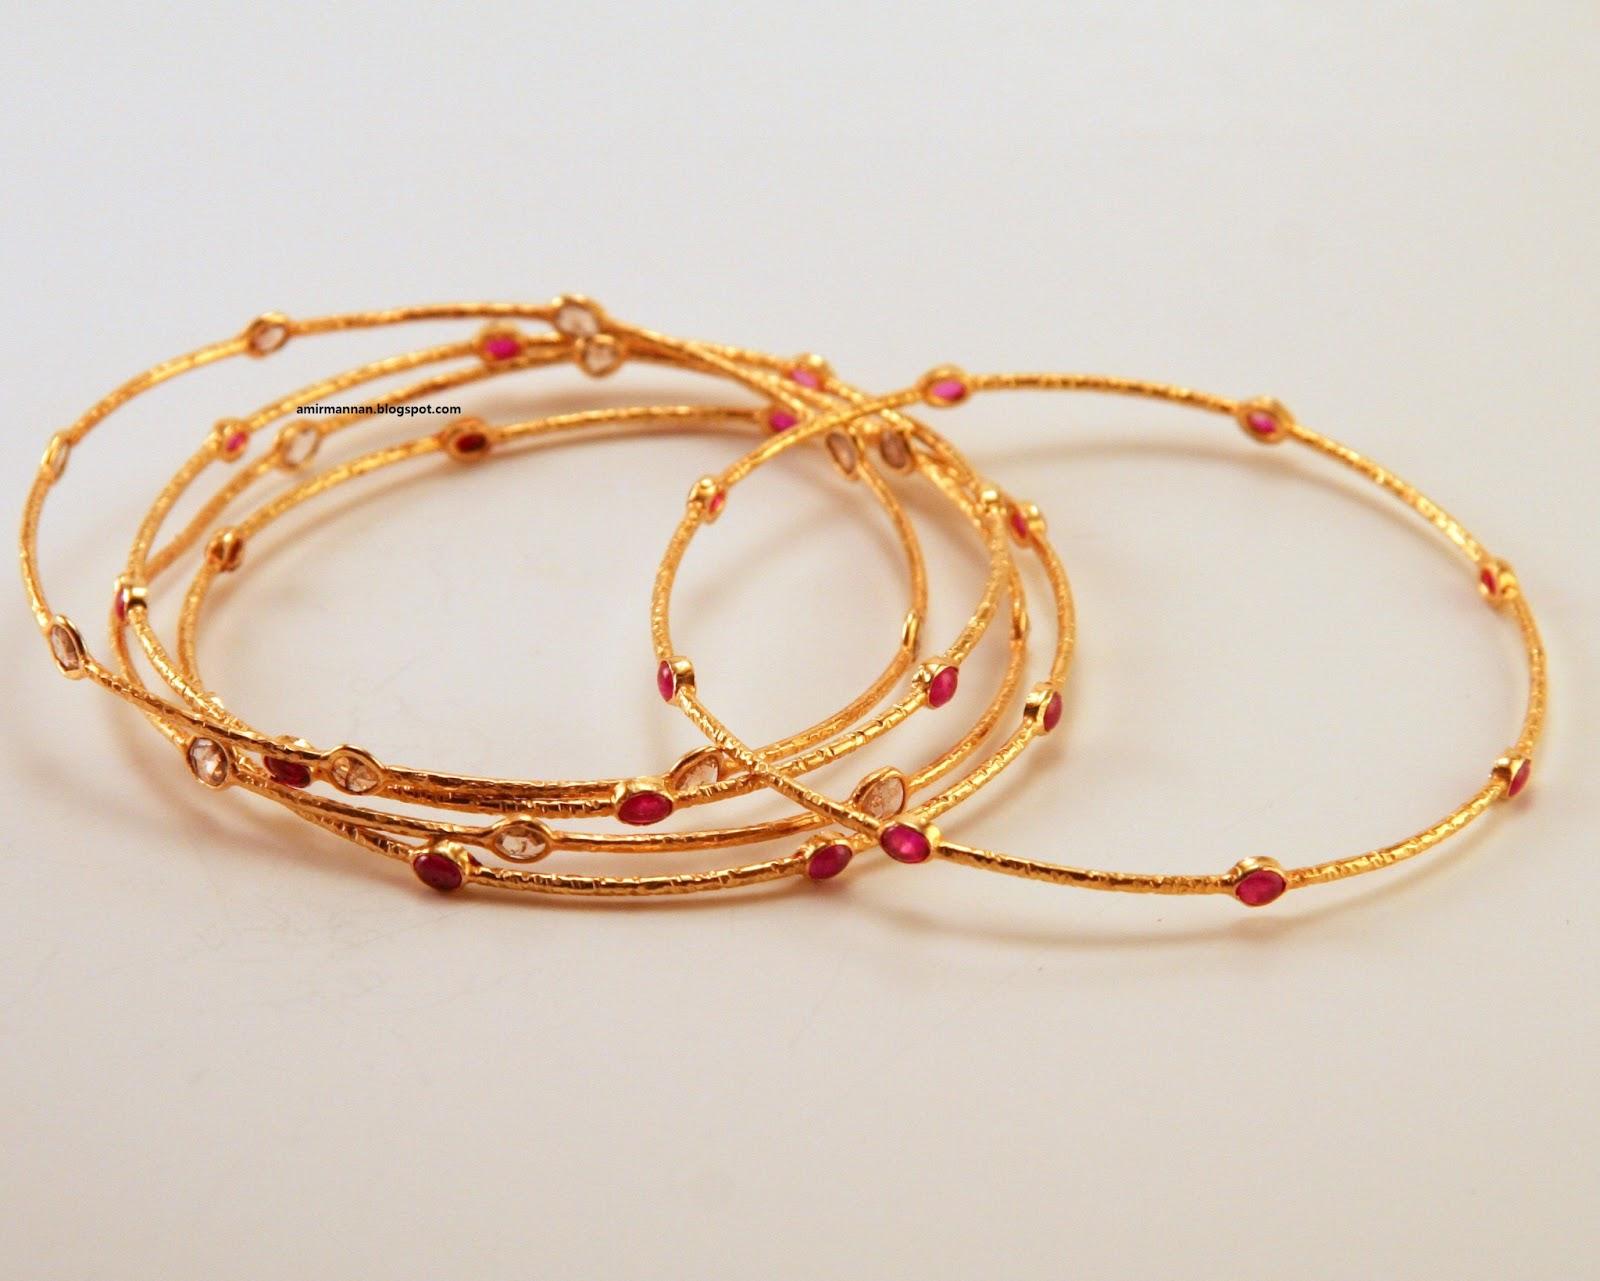 bracelet designs in gold for ladies. Black Bedroom Furniture Sets. Home Design Ideas